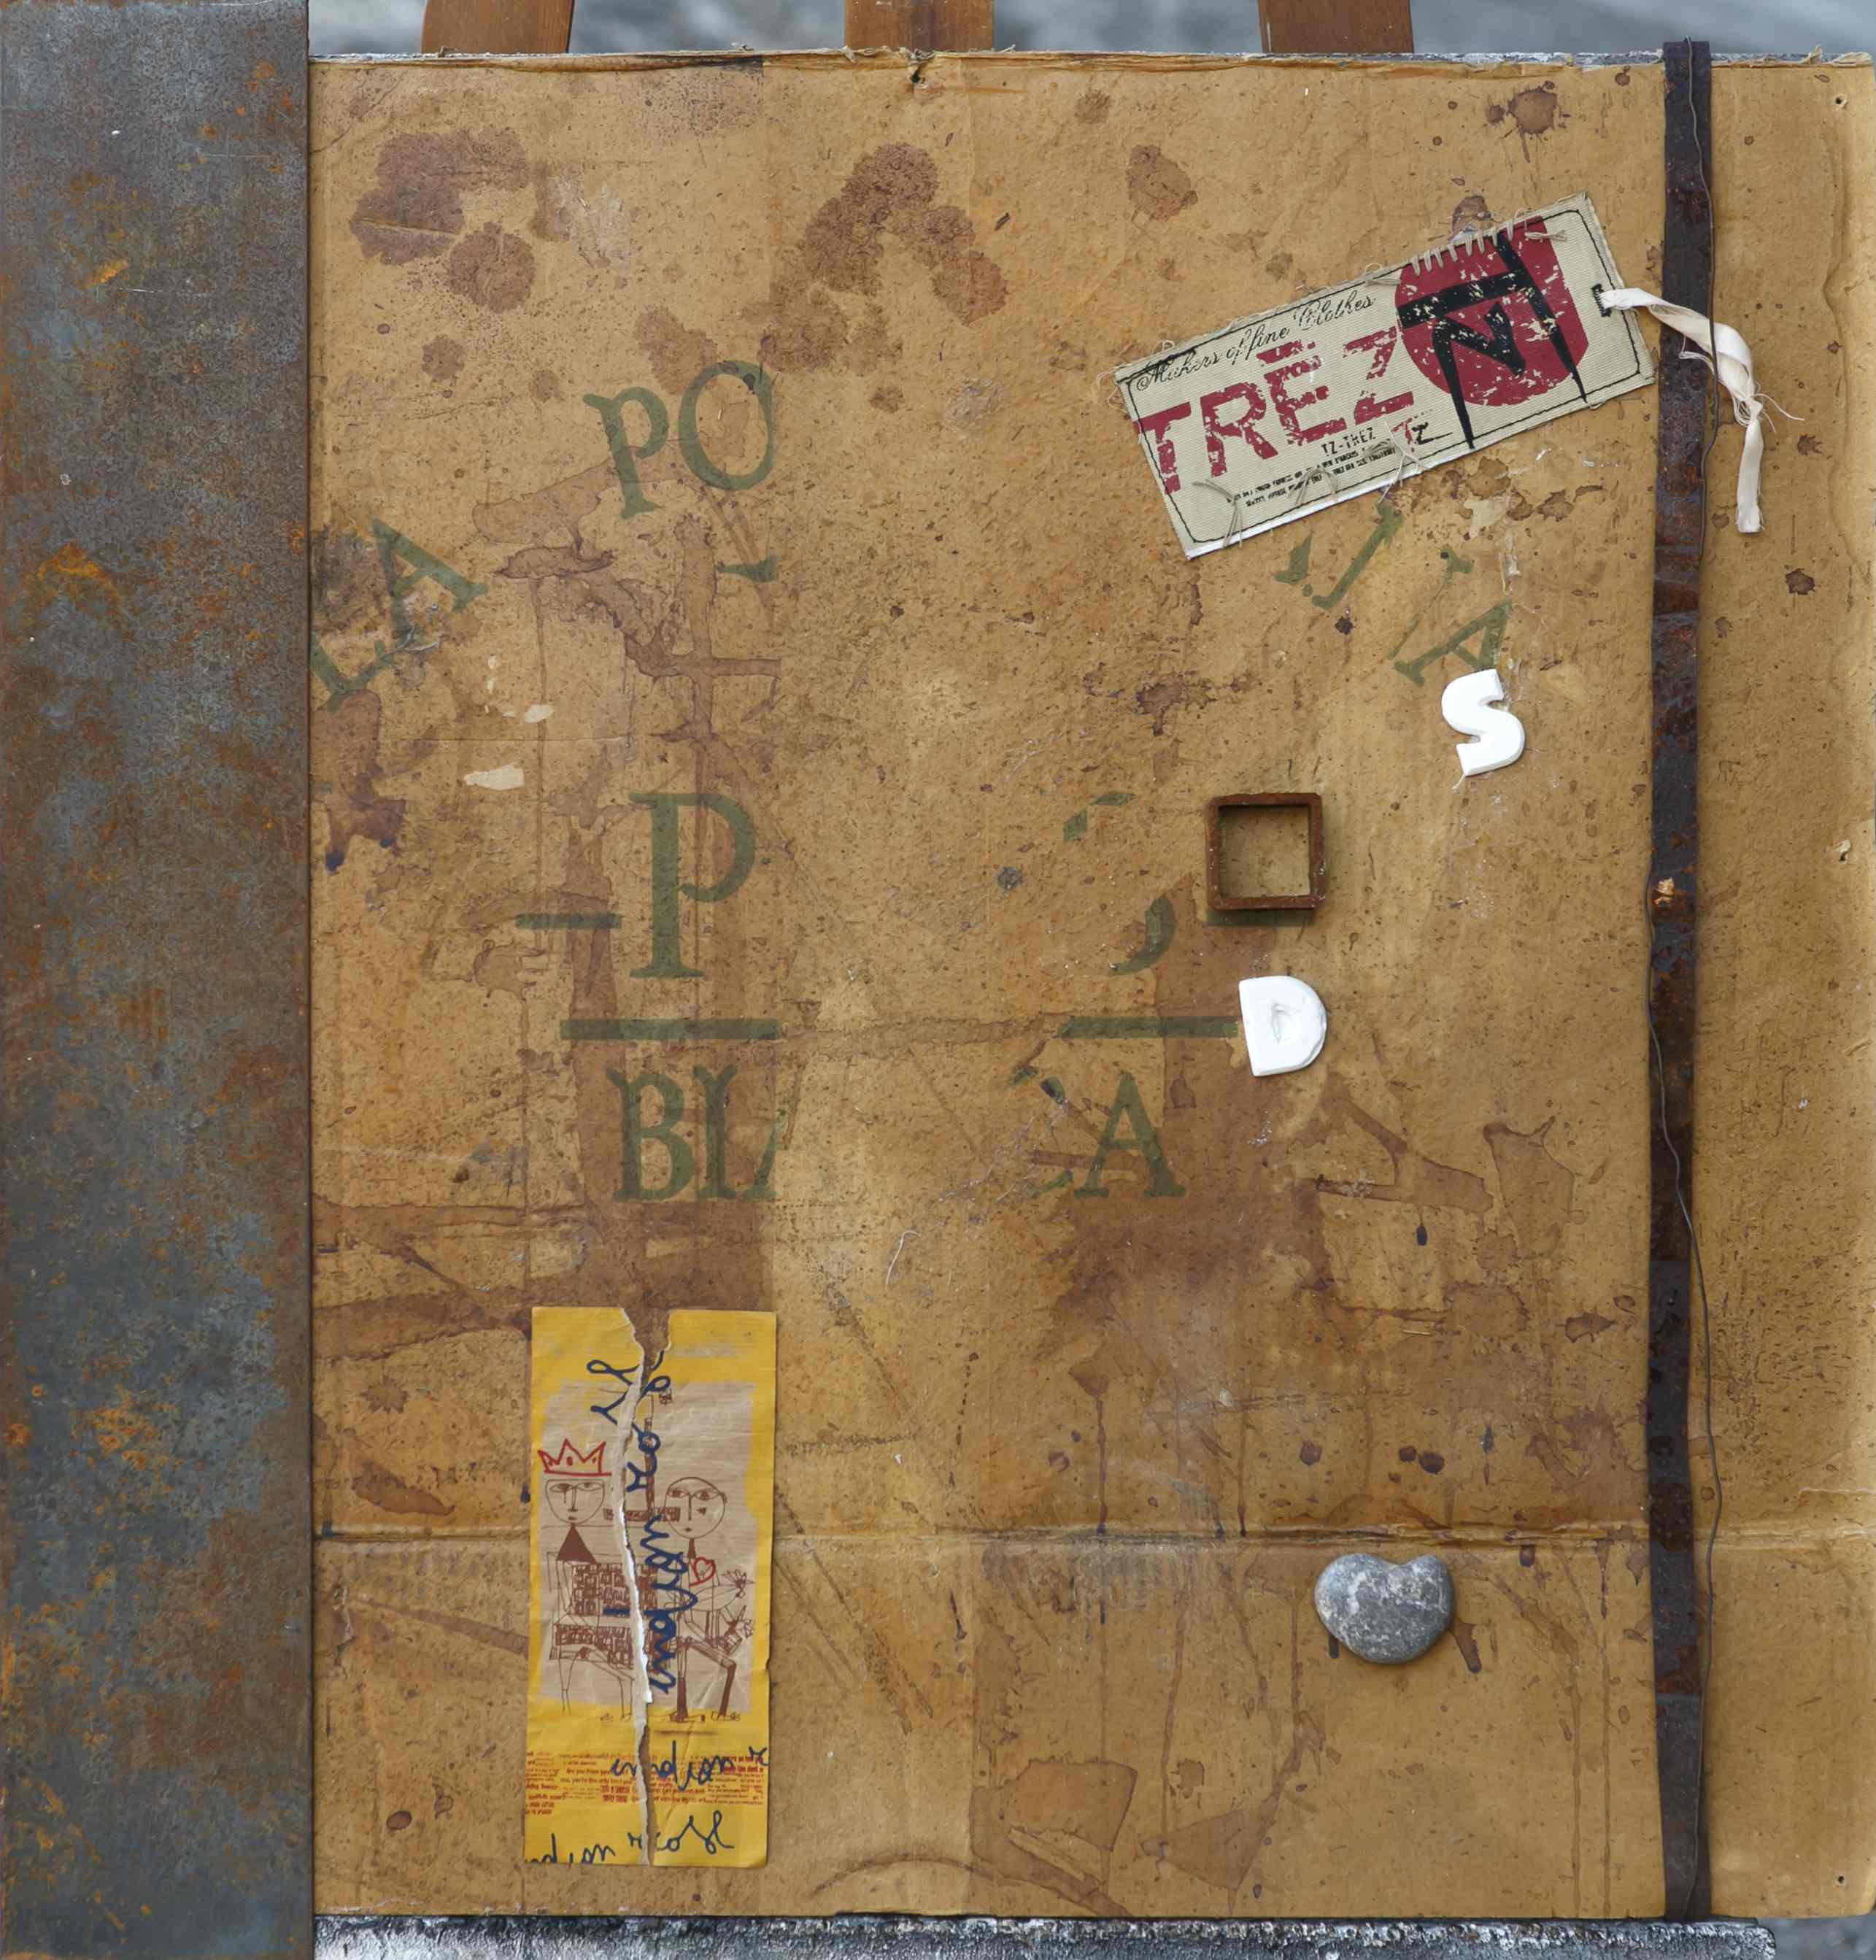 Itinerario della memoria, carta, ferro, gesso, tela, sasso su tavola, 70x70, 2014